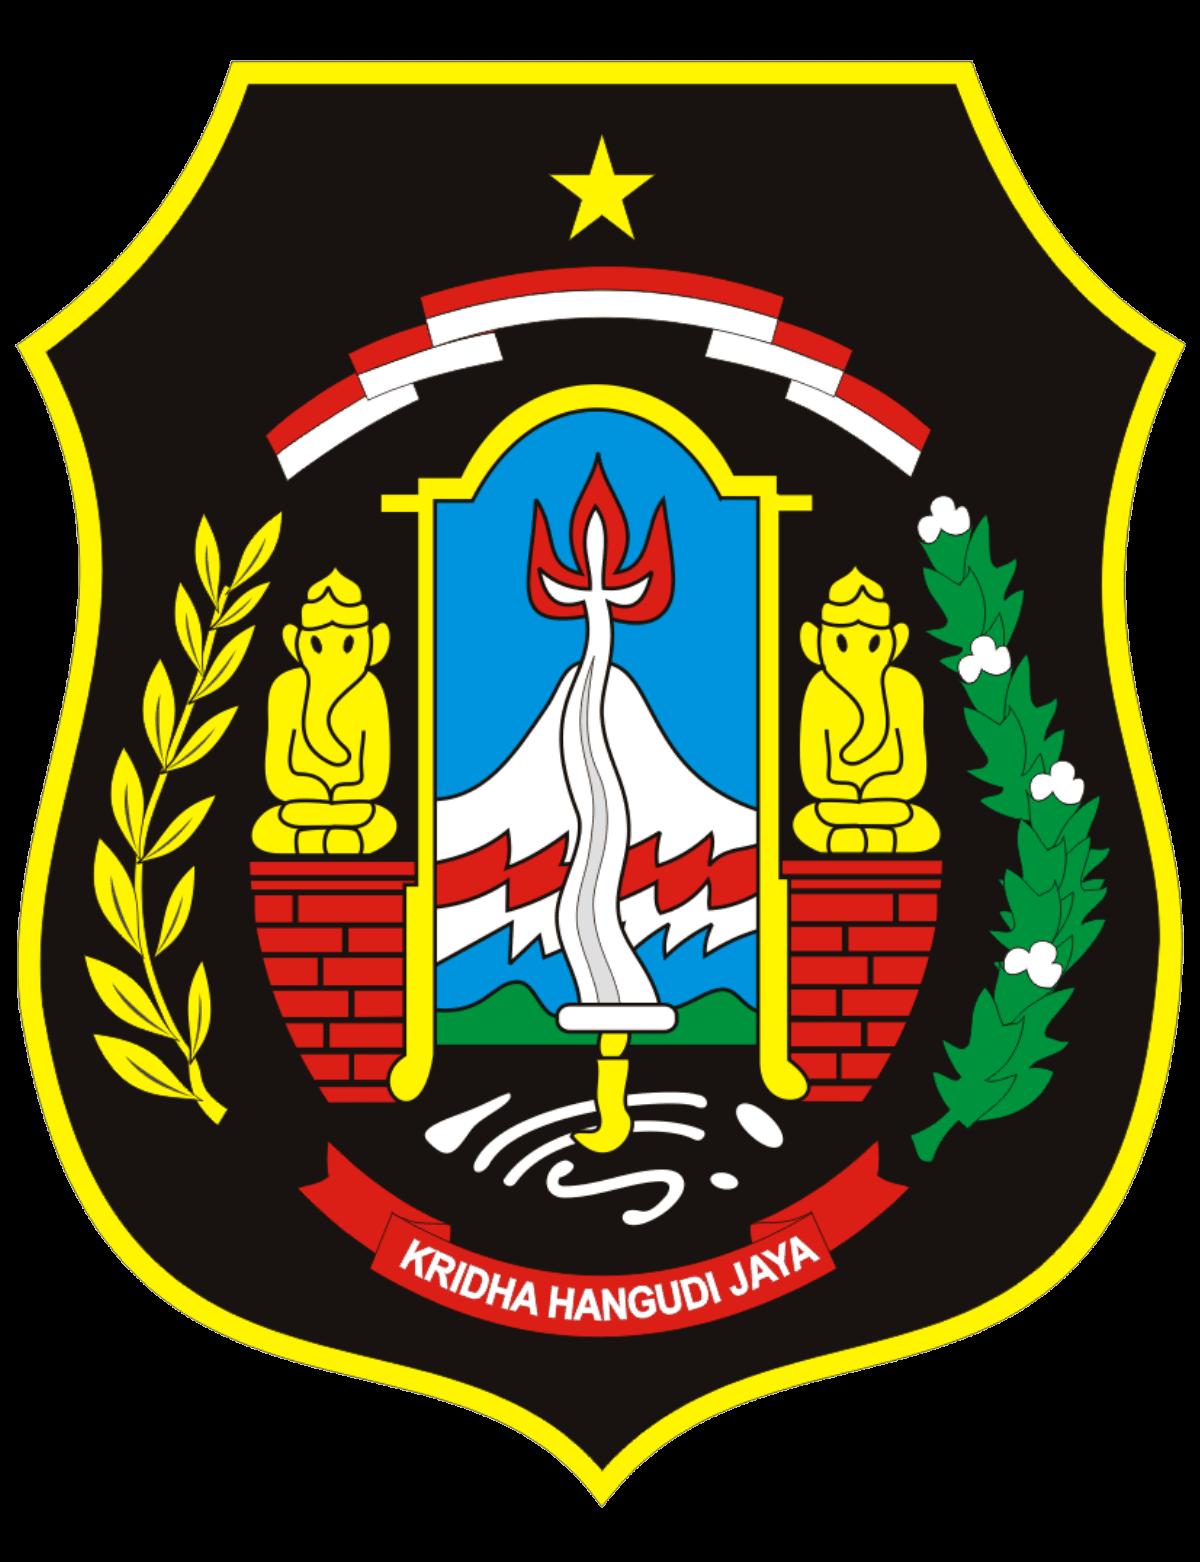 Kota Blitar